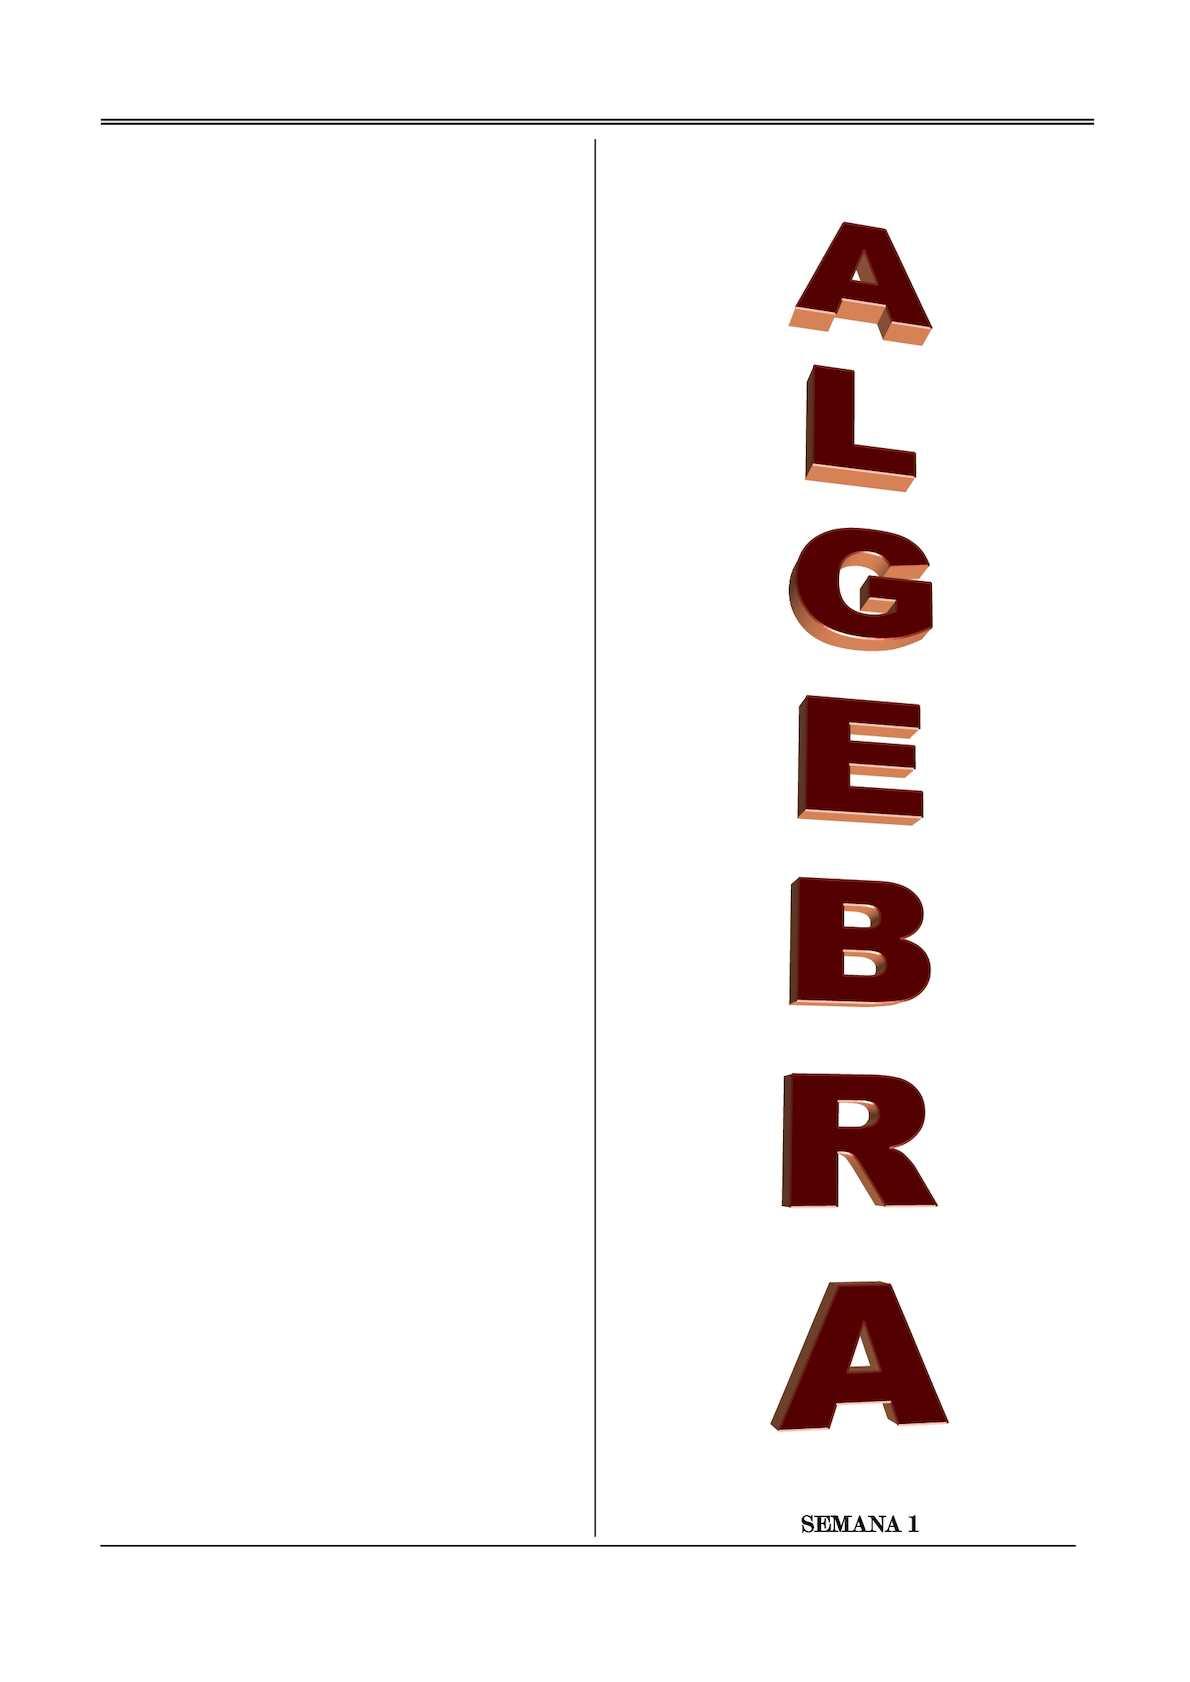 Ejercicio 102 del algebra resuelto